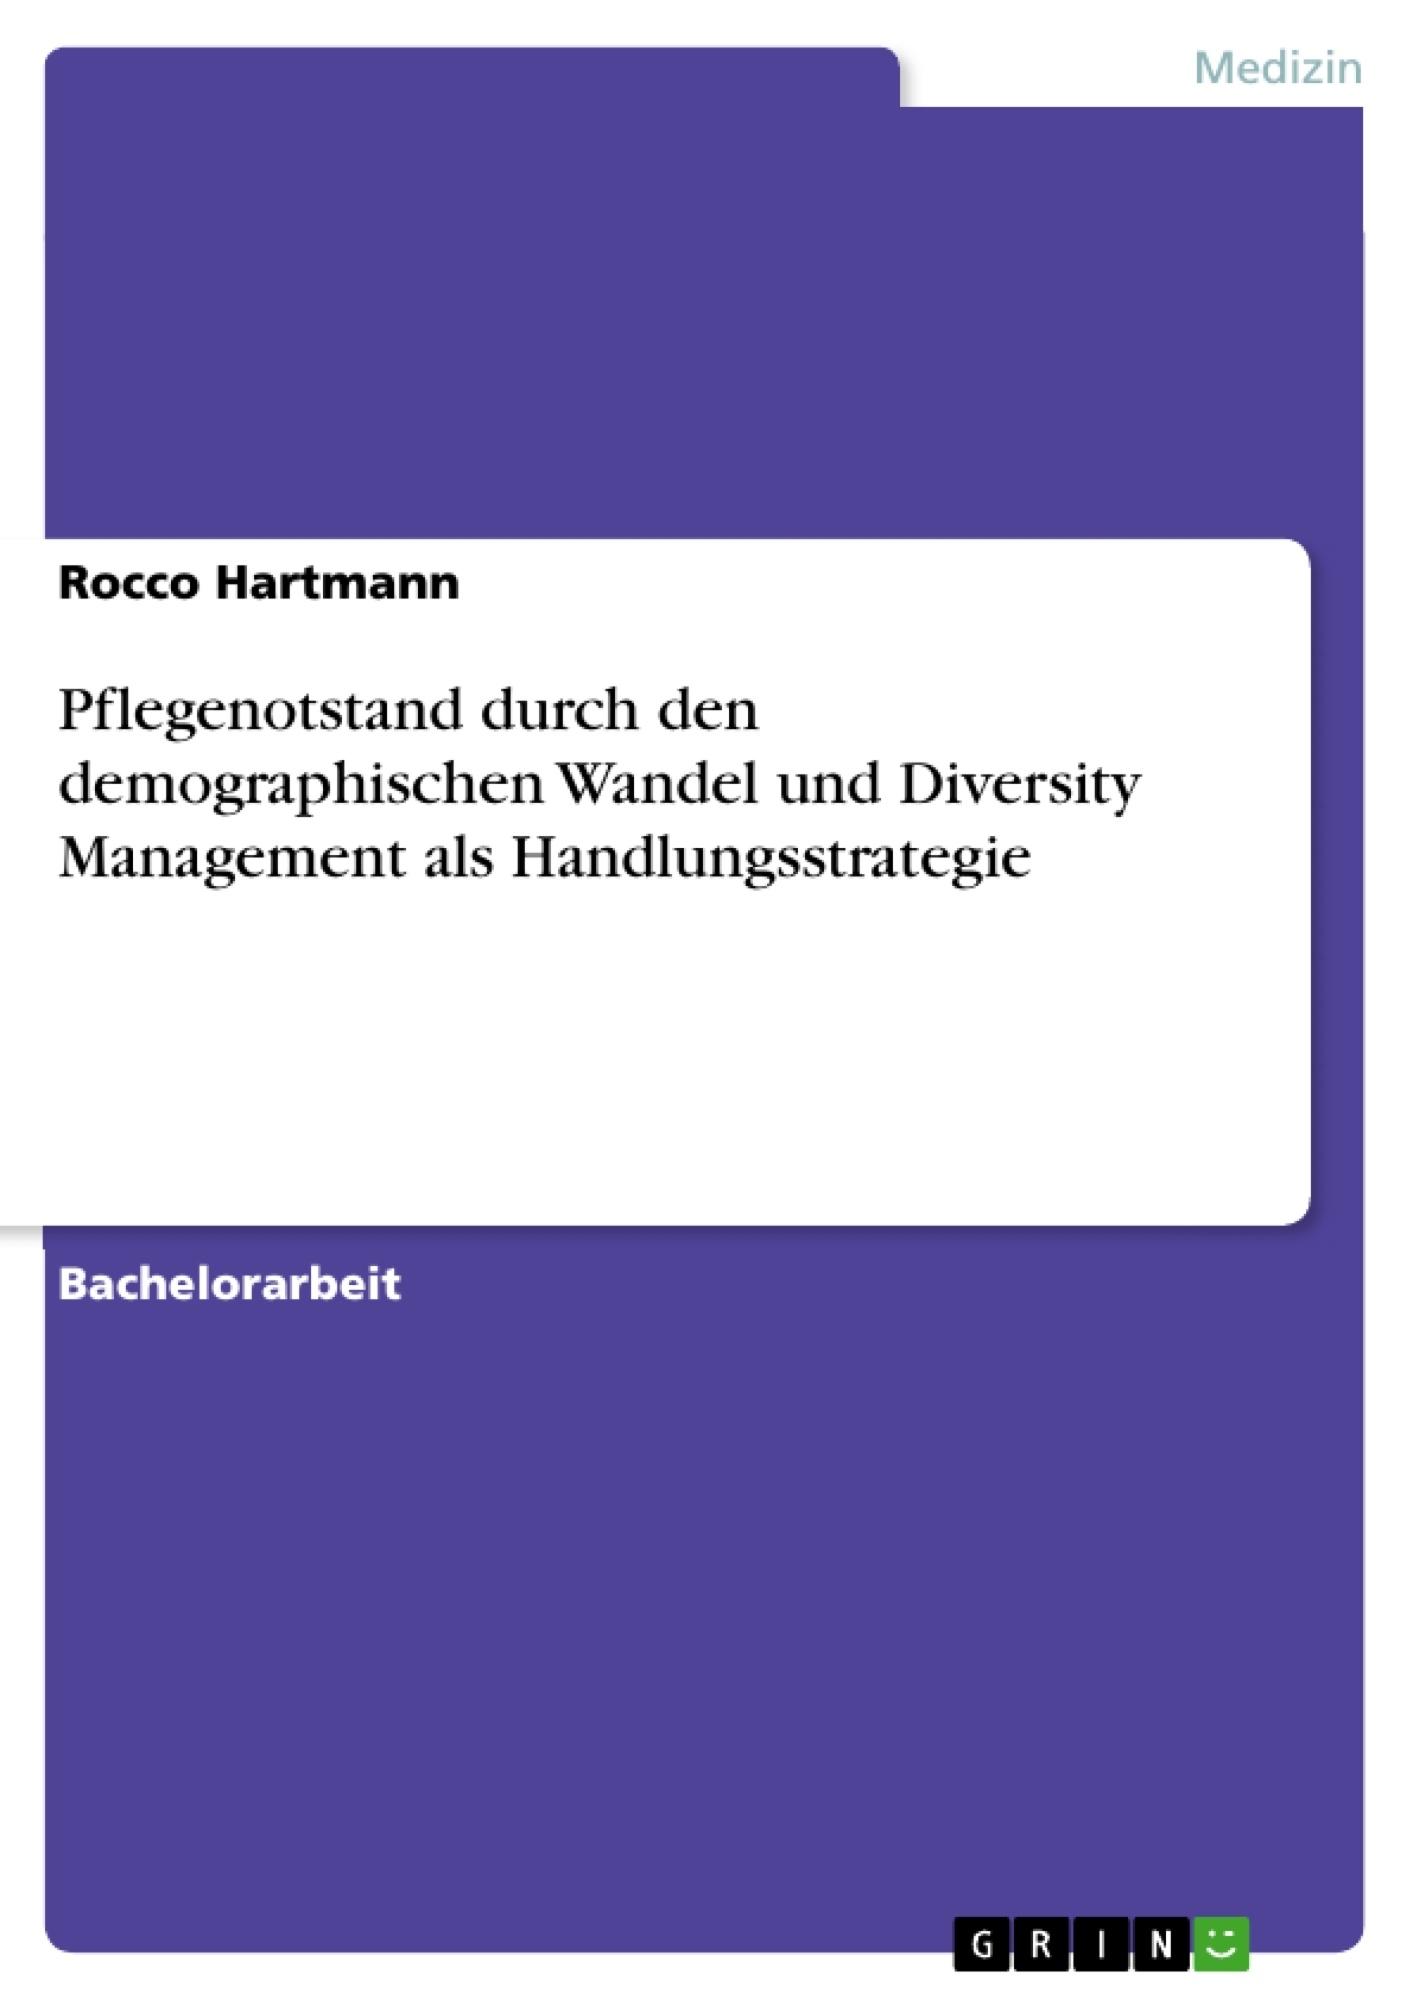 Titel: Pflegenotstand durch den demographischen Wandel und Diversity Management als Handlungsstrategie